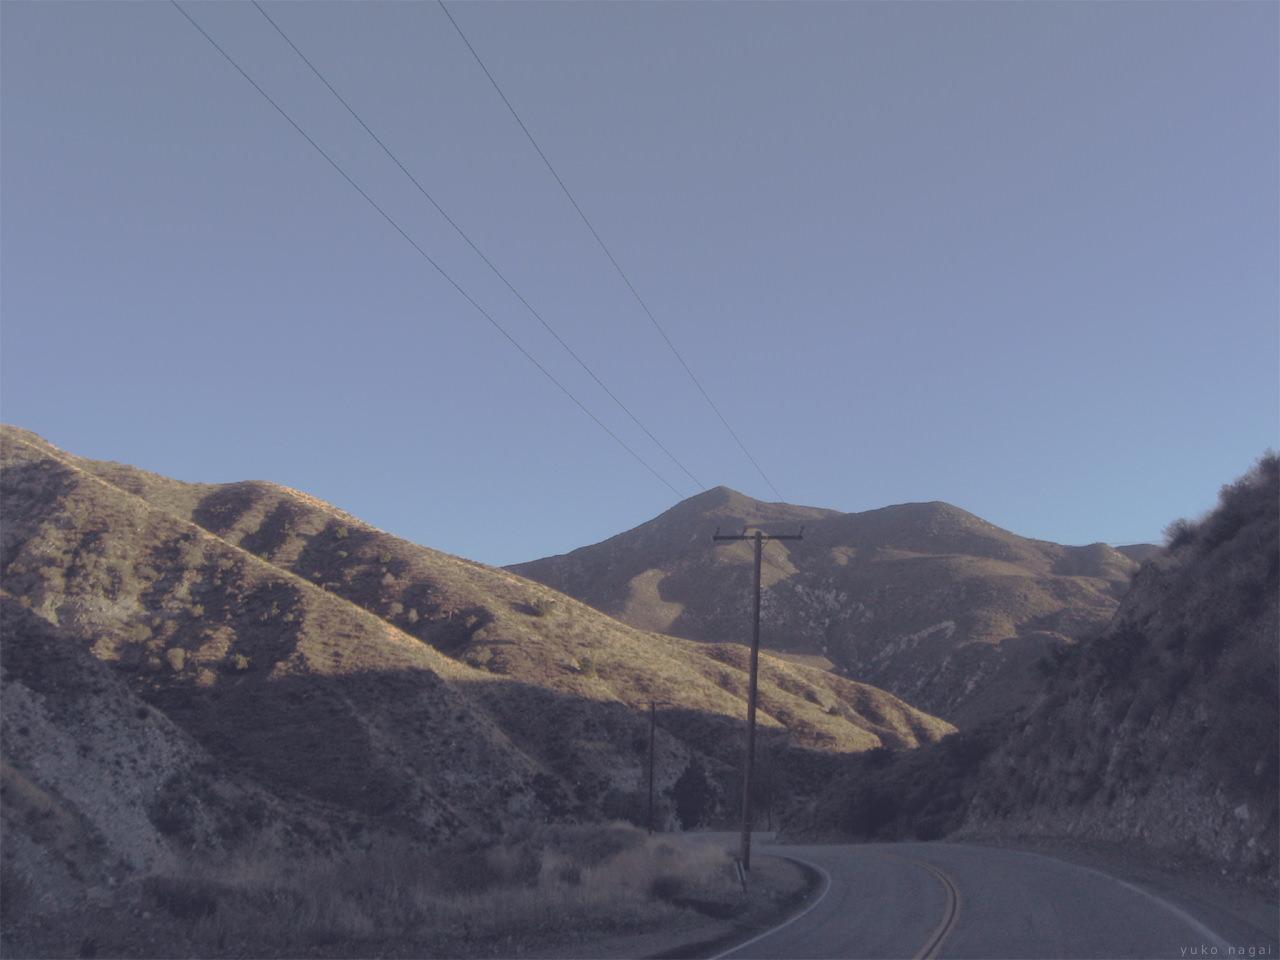 Dry desert hills.